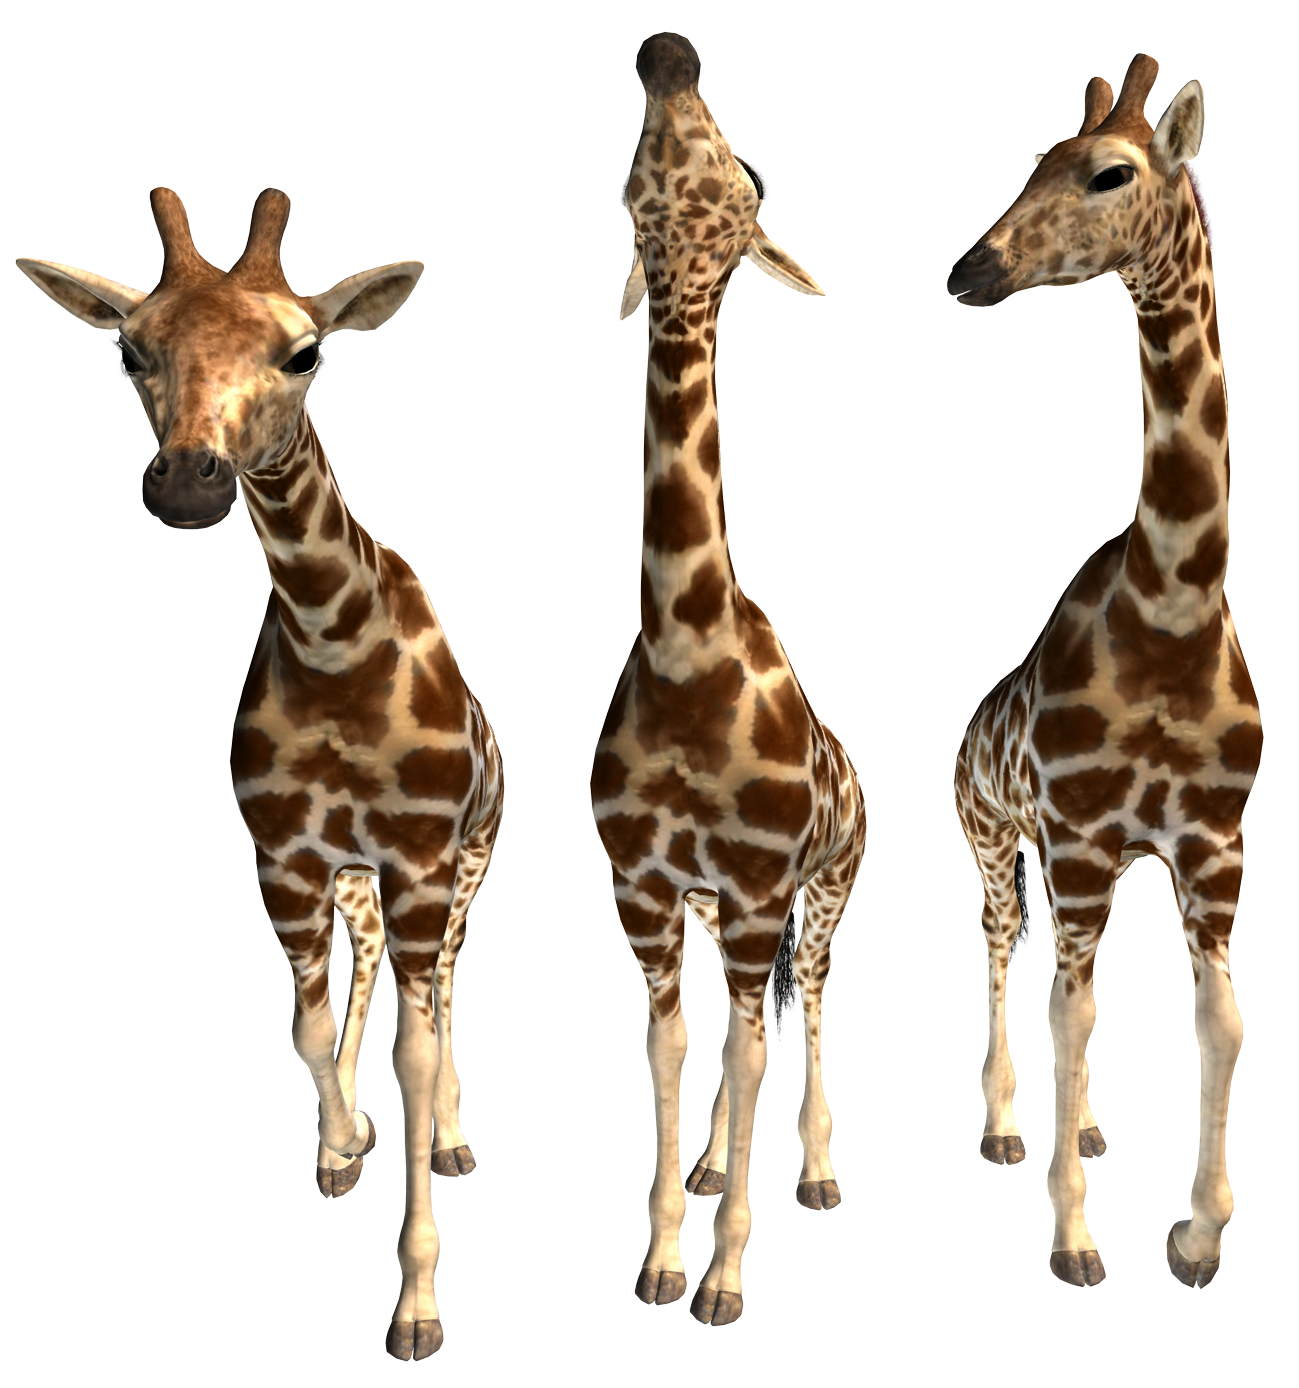 картинка три жирафа продукция индии